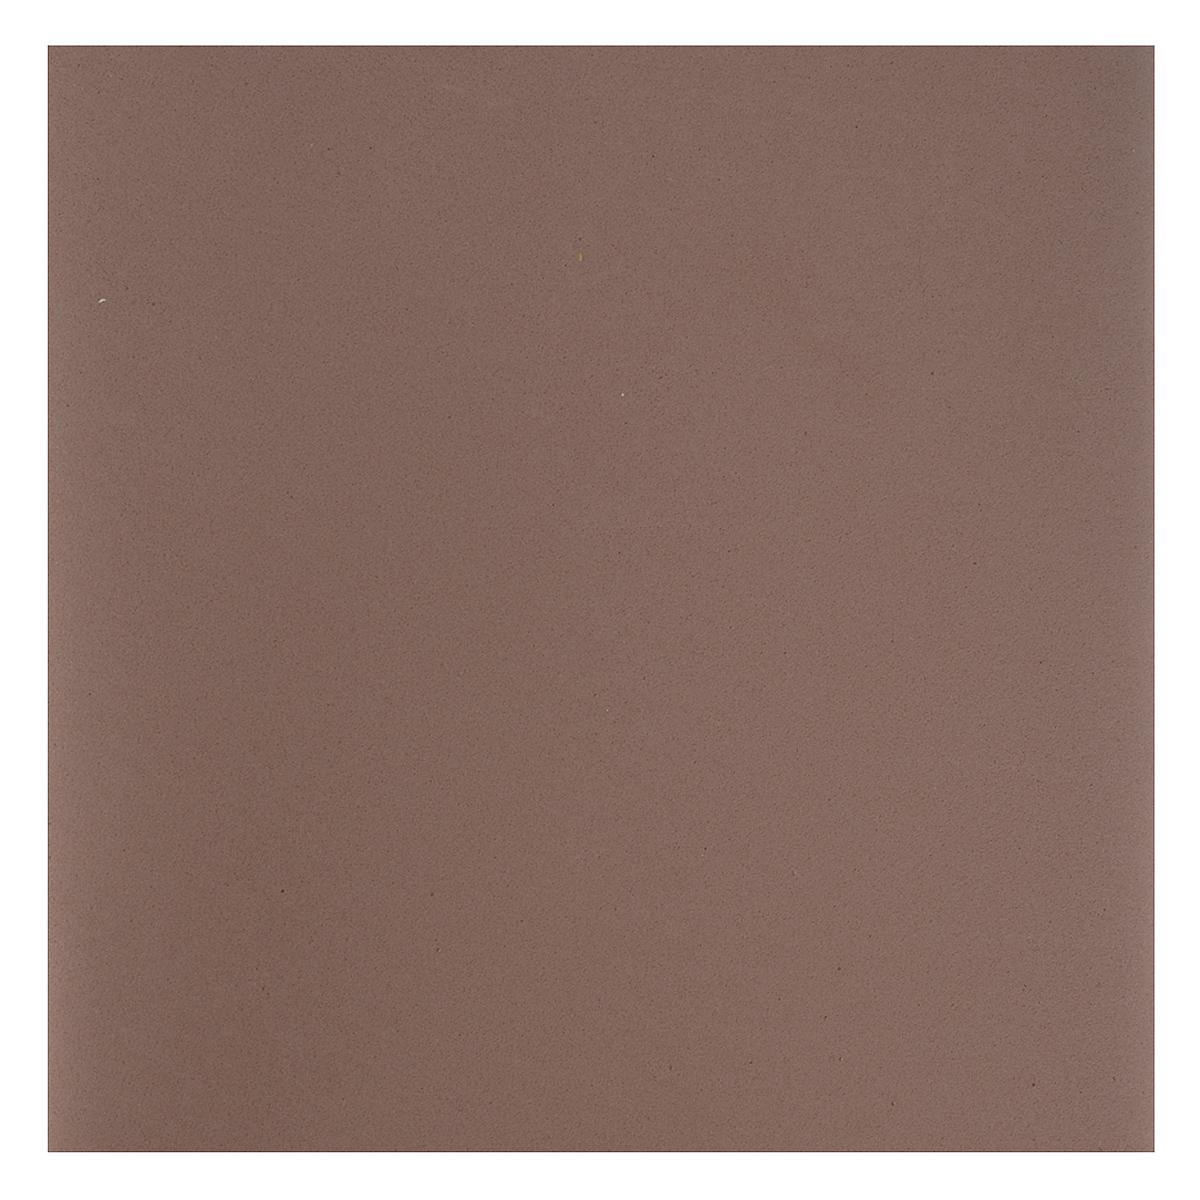 Фоамиран АртНева, цвет: коричневый, 25 х 25 см694520_коричневыйФоамиран АртНева изготовлен из полимерного материала, легкого и приятного на ощупь. Изделие предназначено для создания цветов и композиций, кукол, украшения упаковок, магнитов, поделок, аппликаций и многого другого. С успехом используется для различных видов рукоделия, создания разнообразного объемного декора. Главная особенность состоит в том, что материал под воздействием тепла рук способен к небольшому растяжению для изменения формы и придания фактурности.